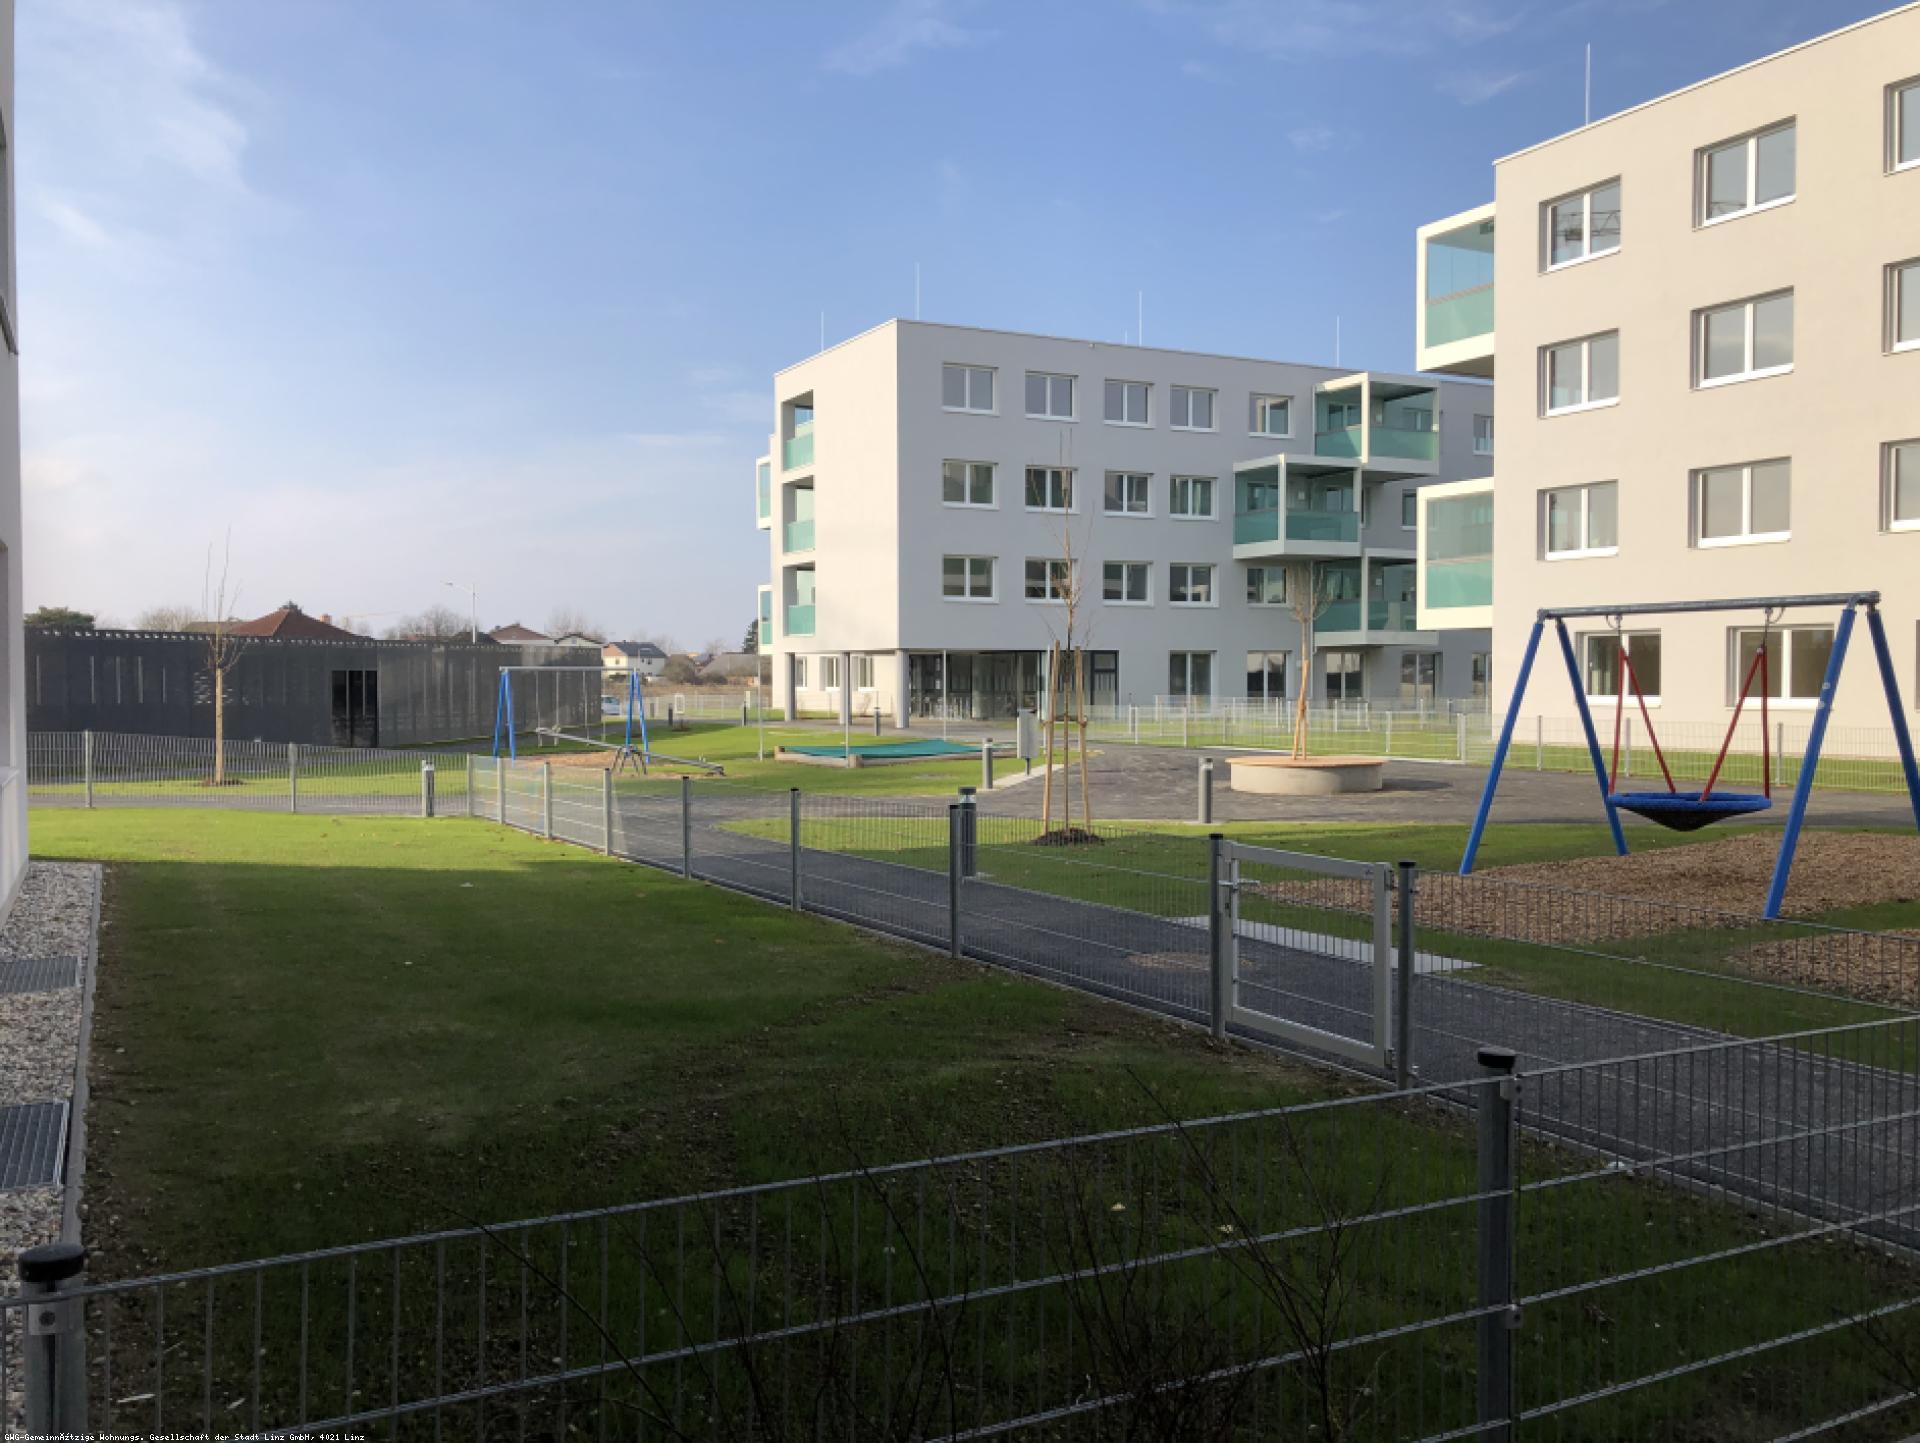 Mood-Image EBG Referenz: Auhirschgasse Junges Wohnen II, Haus 3 und 4 und 1.BA / 2. BA